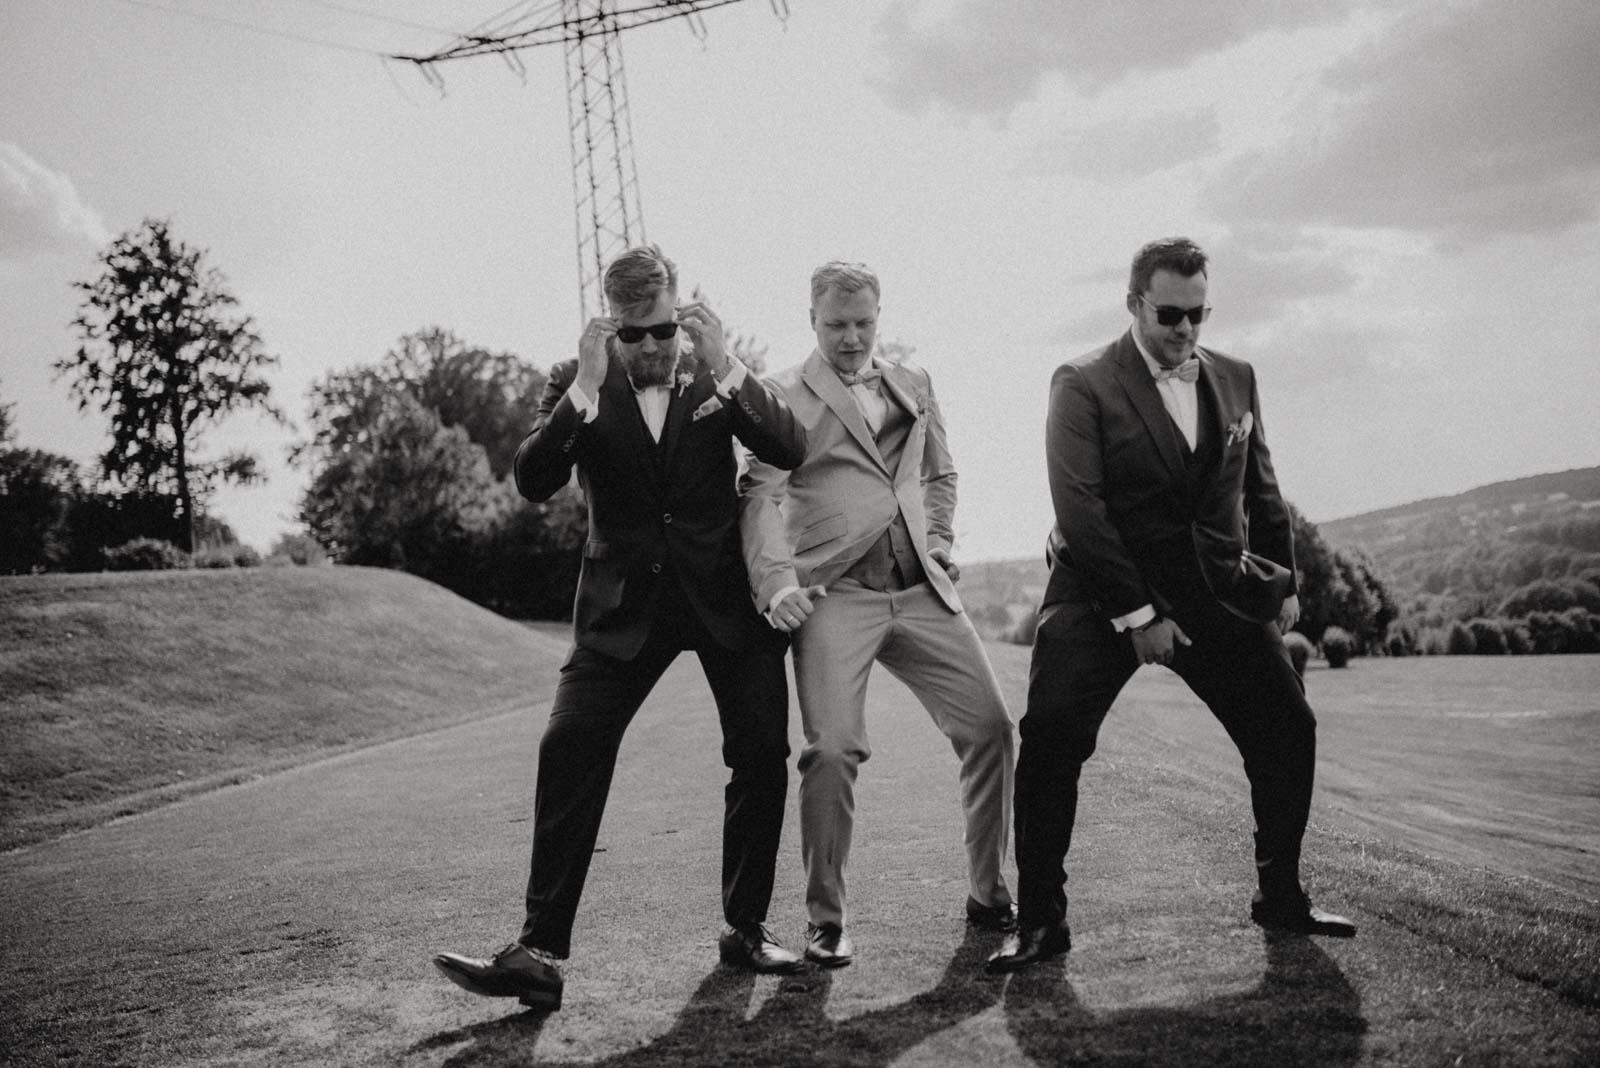 Braeutigam und seine Jungs haben einen Tanz einstudiert